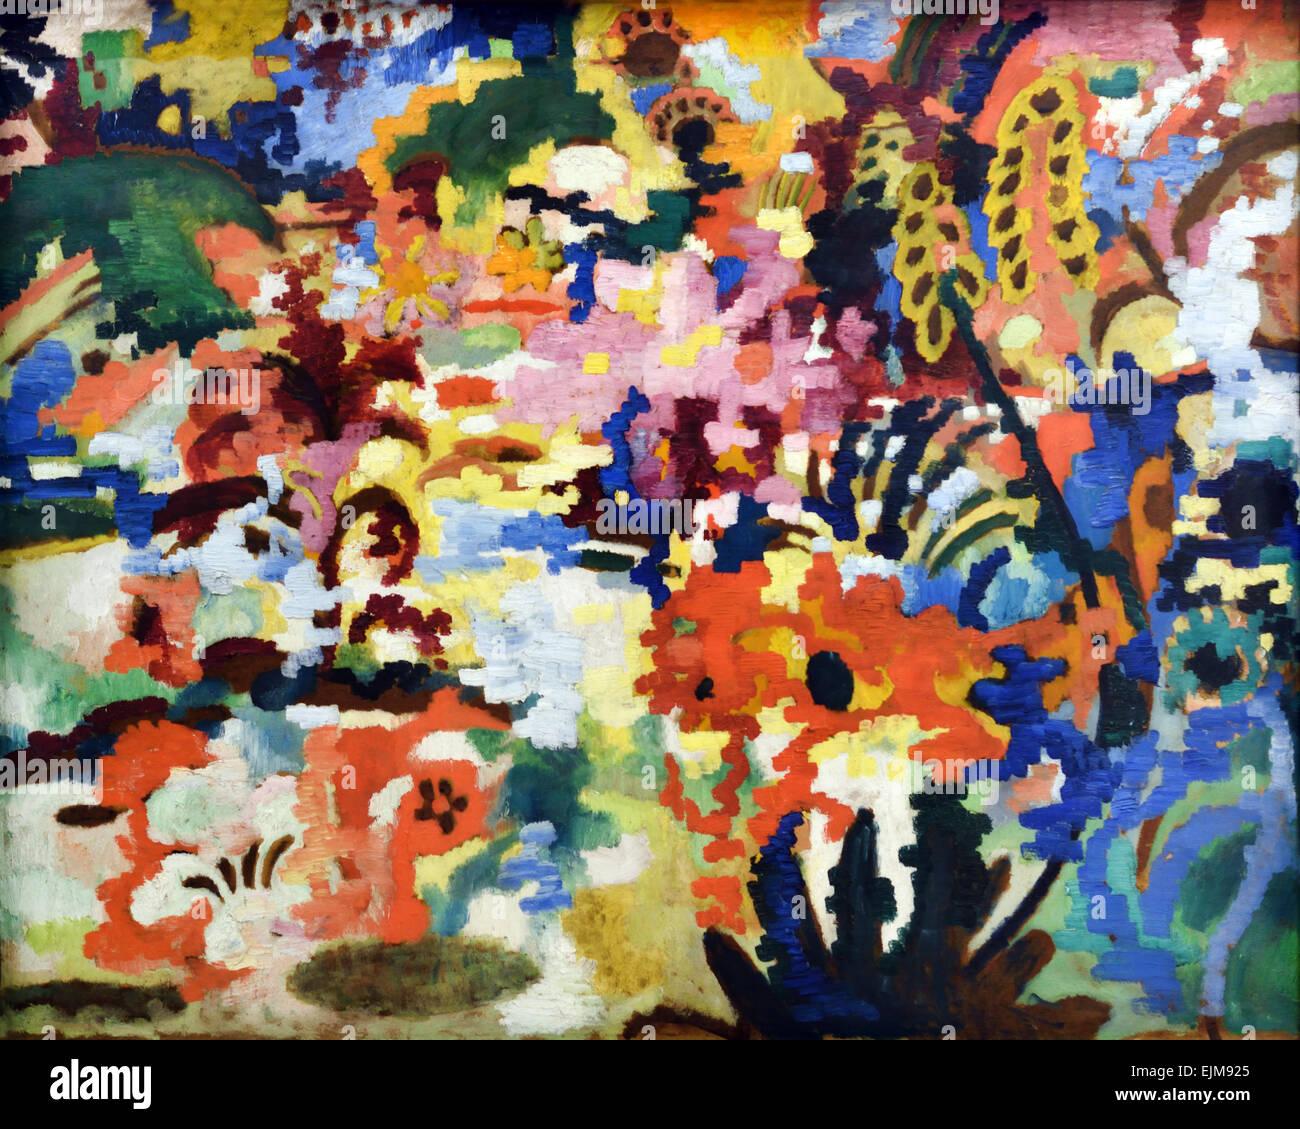 August Macke 1887-1914 Grosser Blumenteppich - grande tappeto di fiori 1912 il tedesco in Germania Immagini Stock